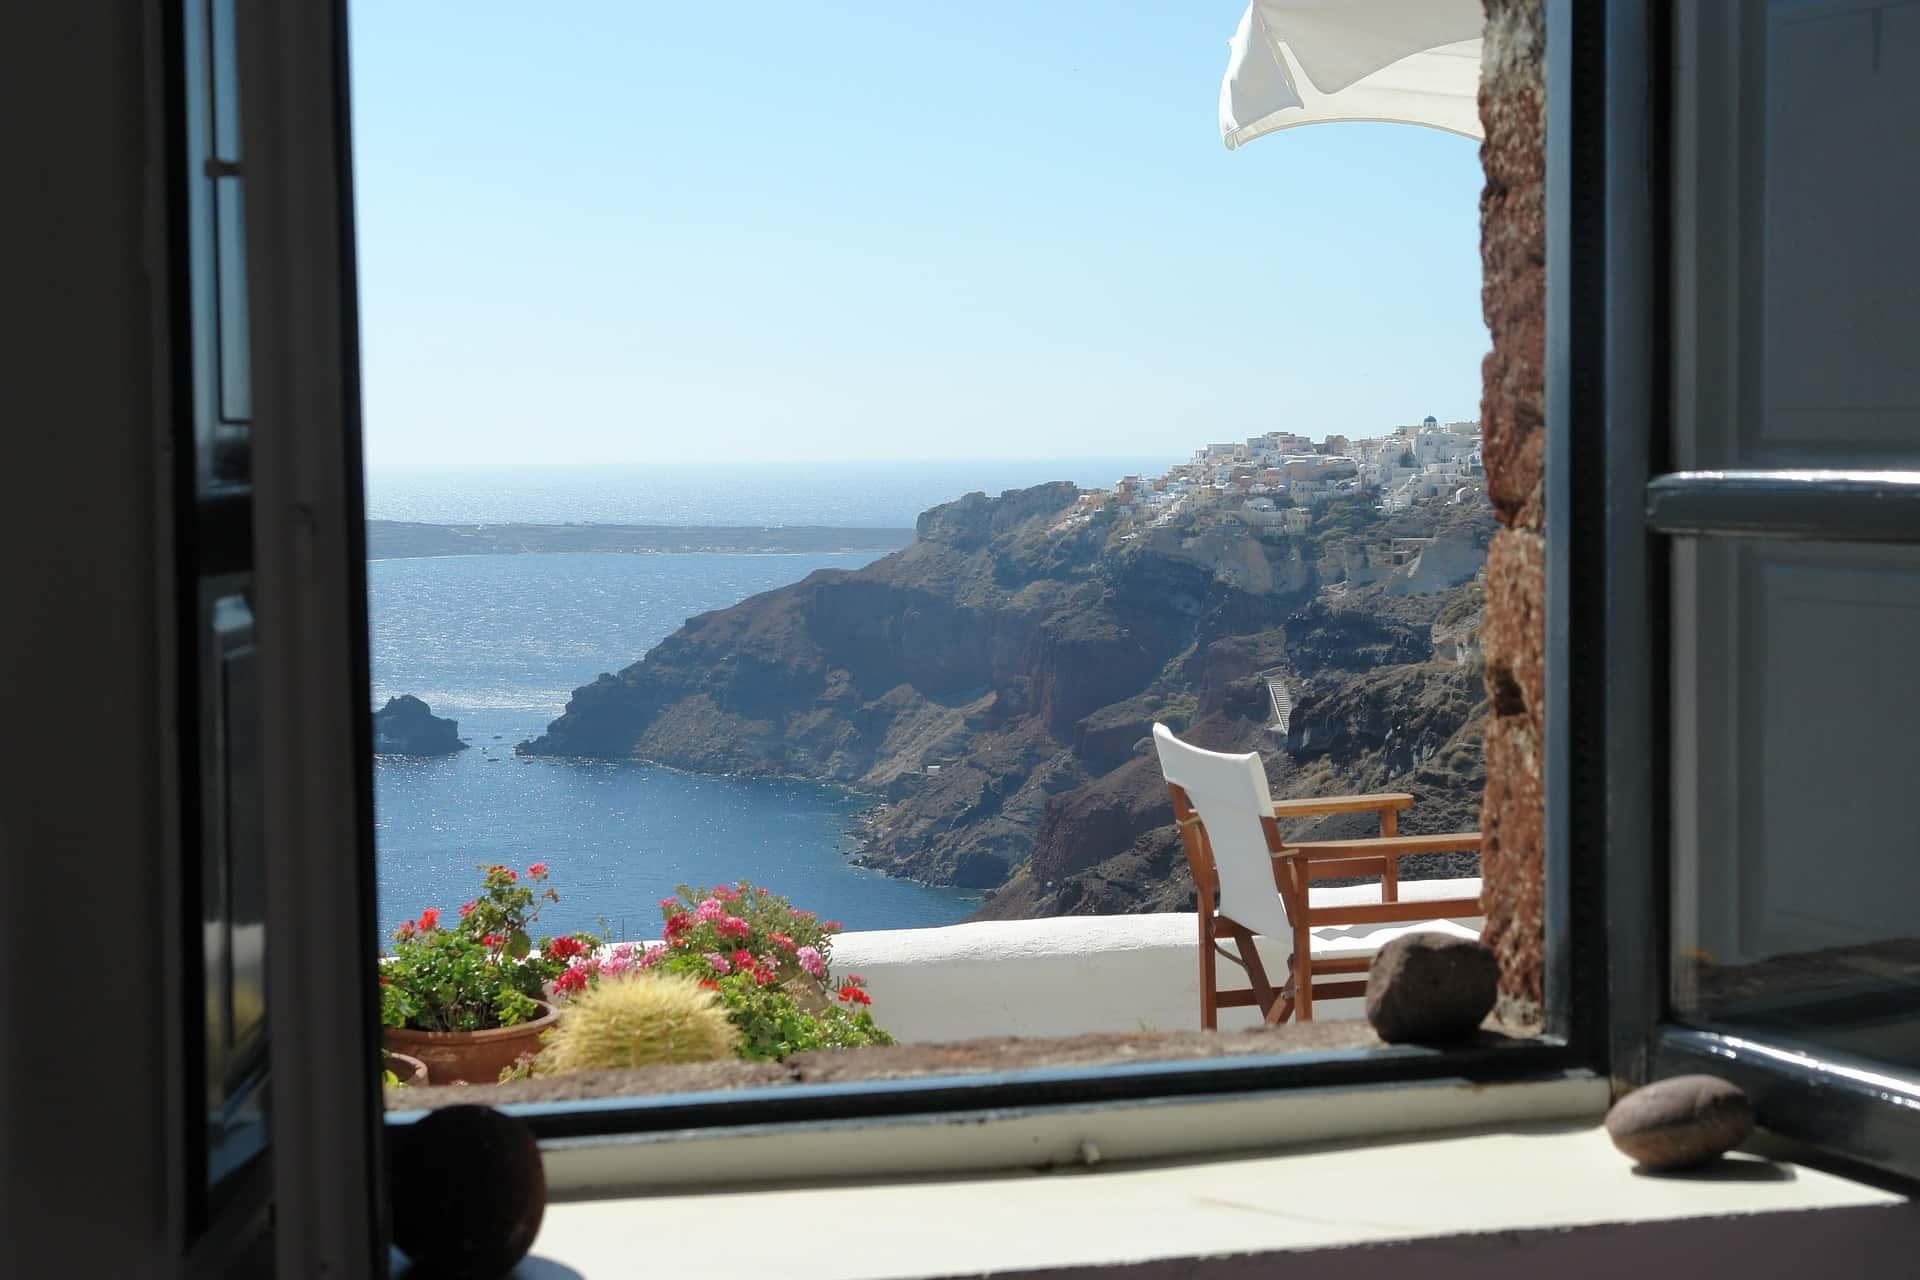 mantenere la casa fresca estate guida - Come mantenere la casa fresca in estate (la guida)